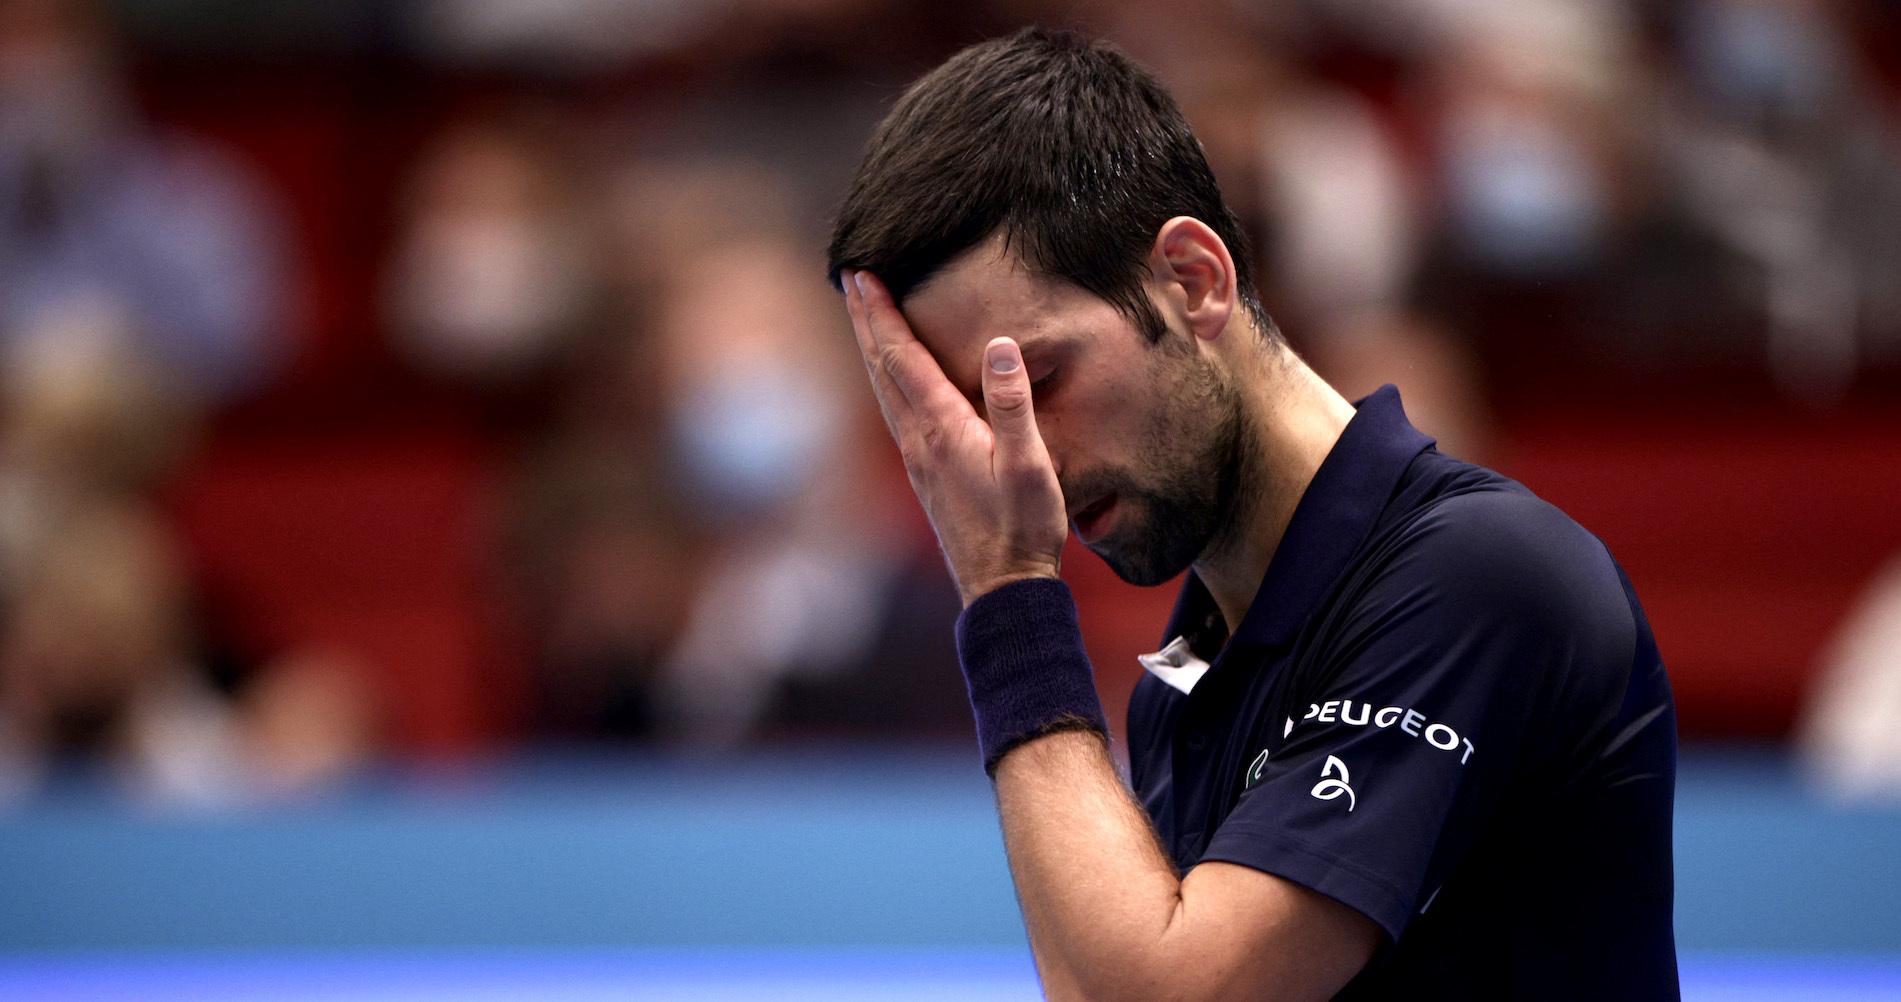 Erste Bank Open - Djokovic